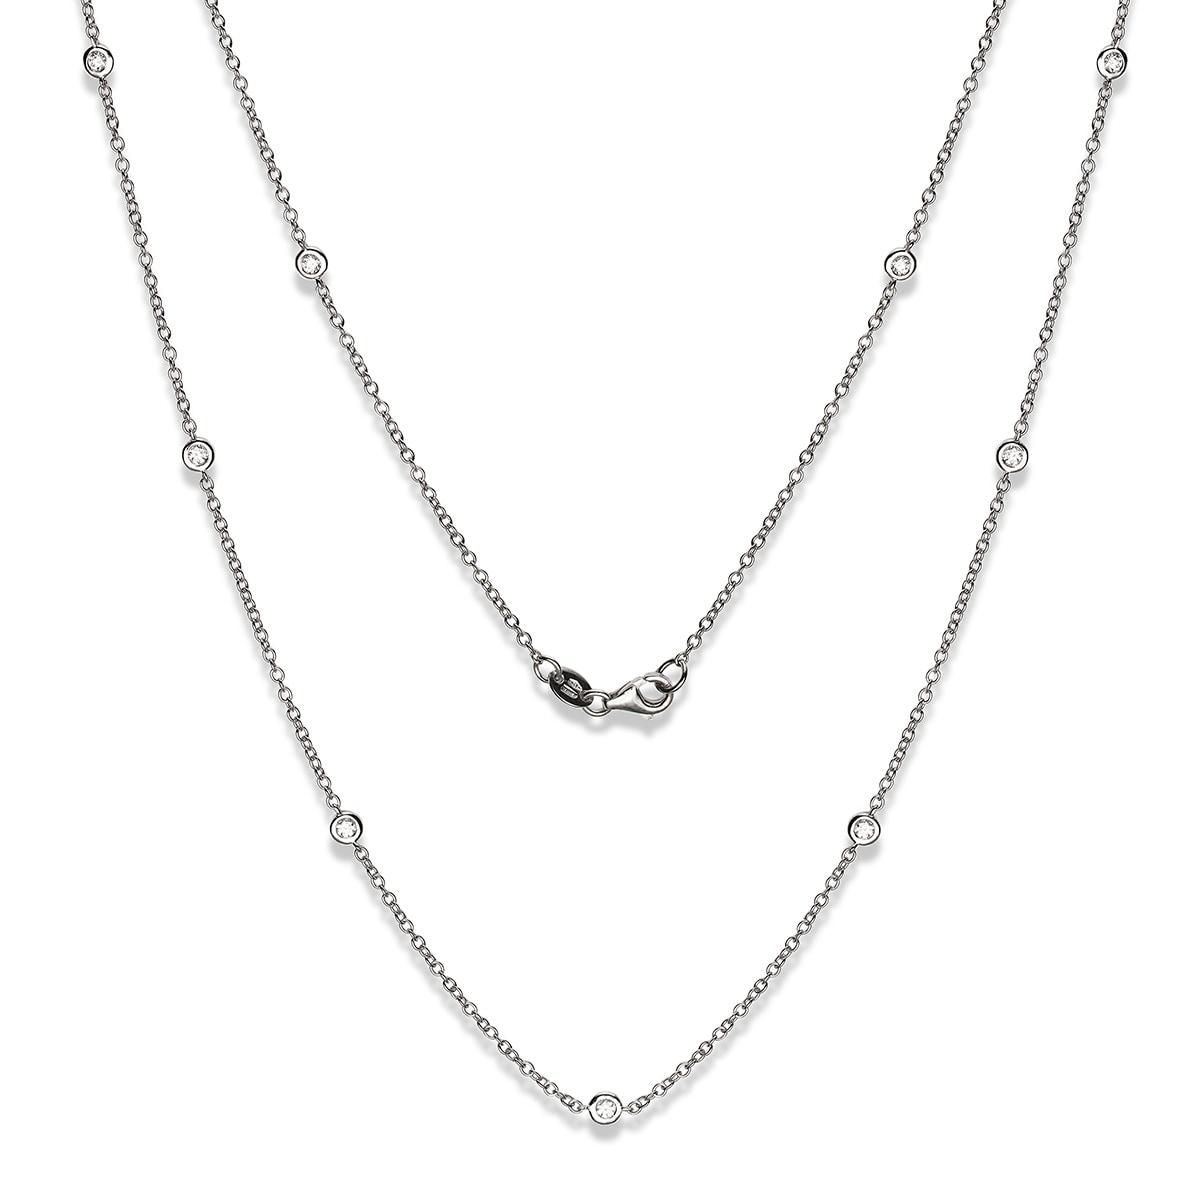 Sandin_Selected_IL_Zefiro_VG_190703_0251_v2_diamanthalsband_hos_Jarl_Sandin